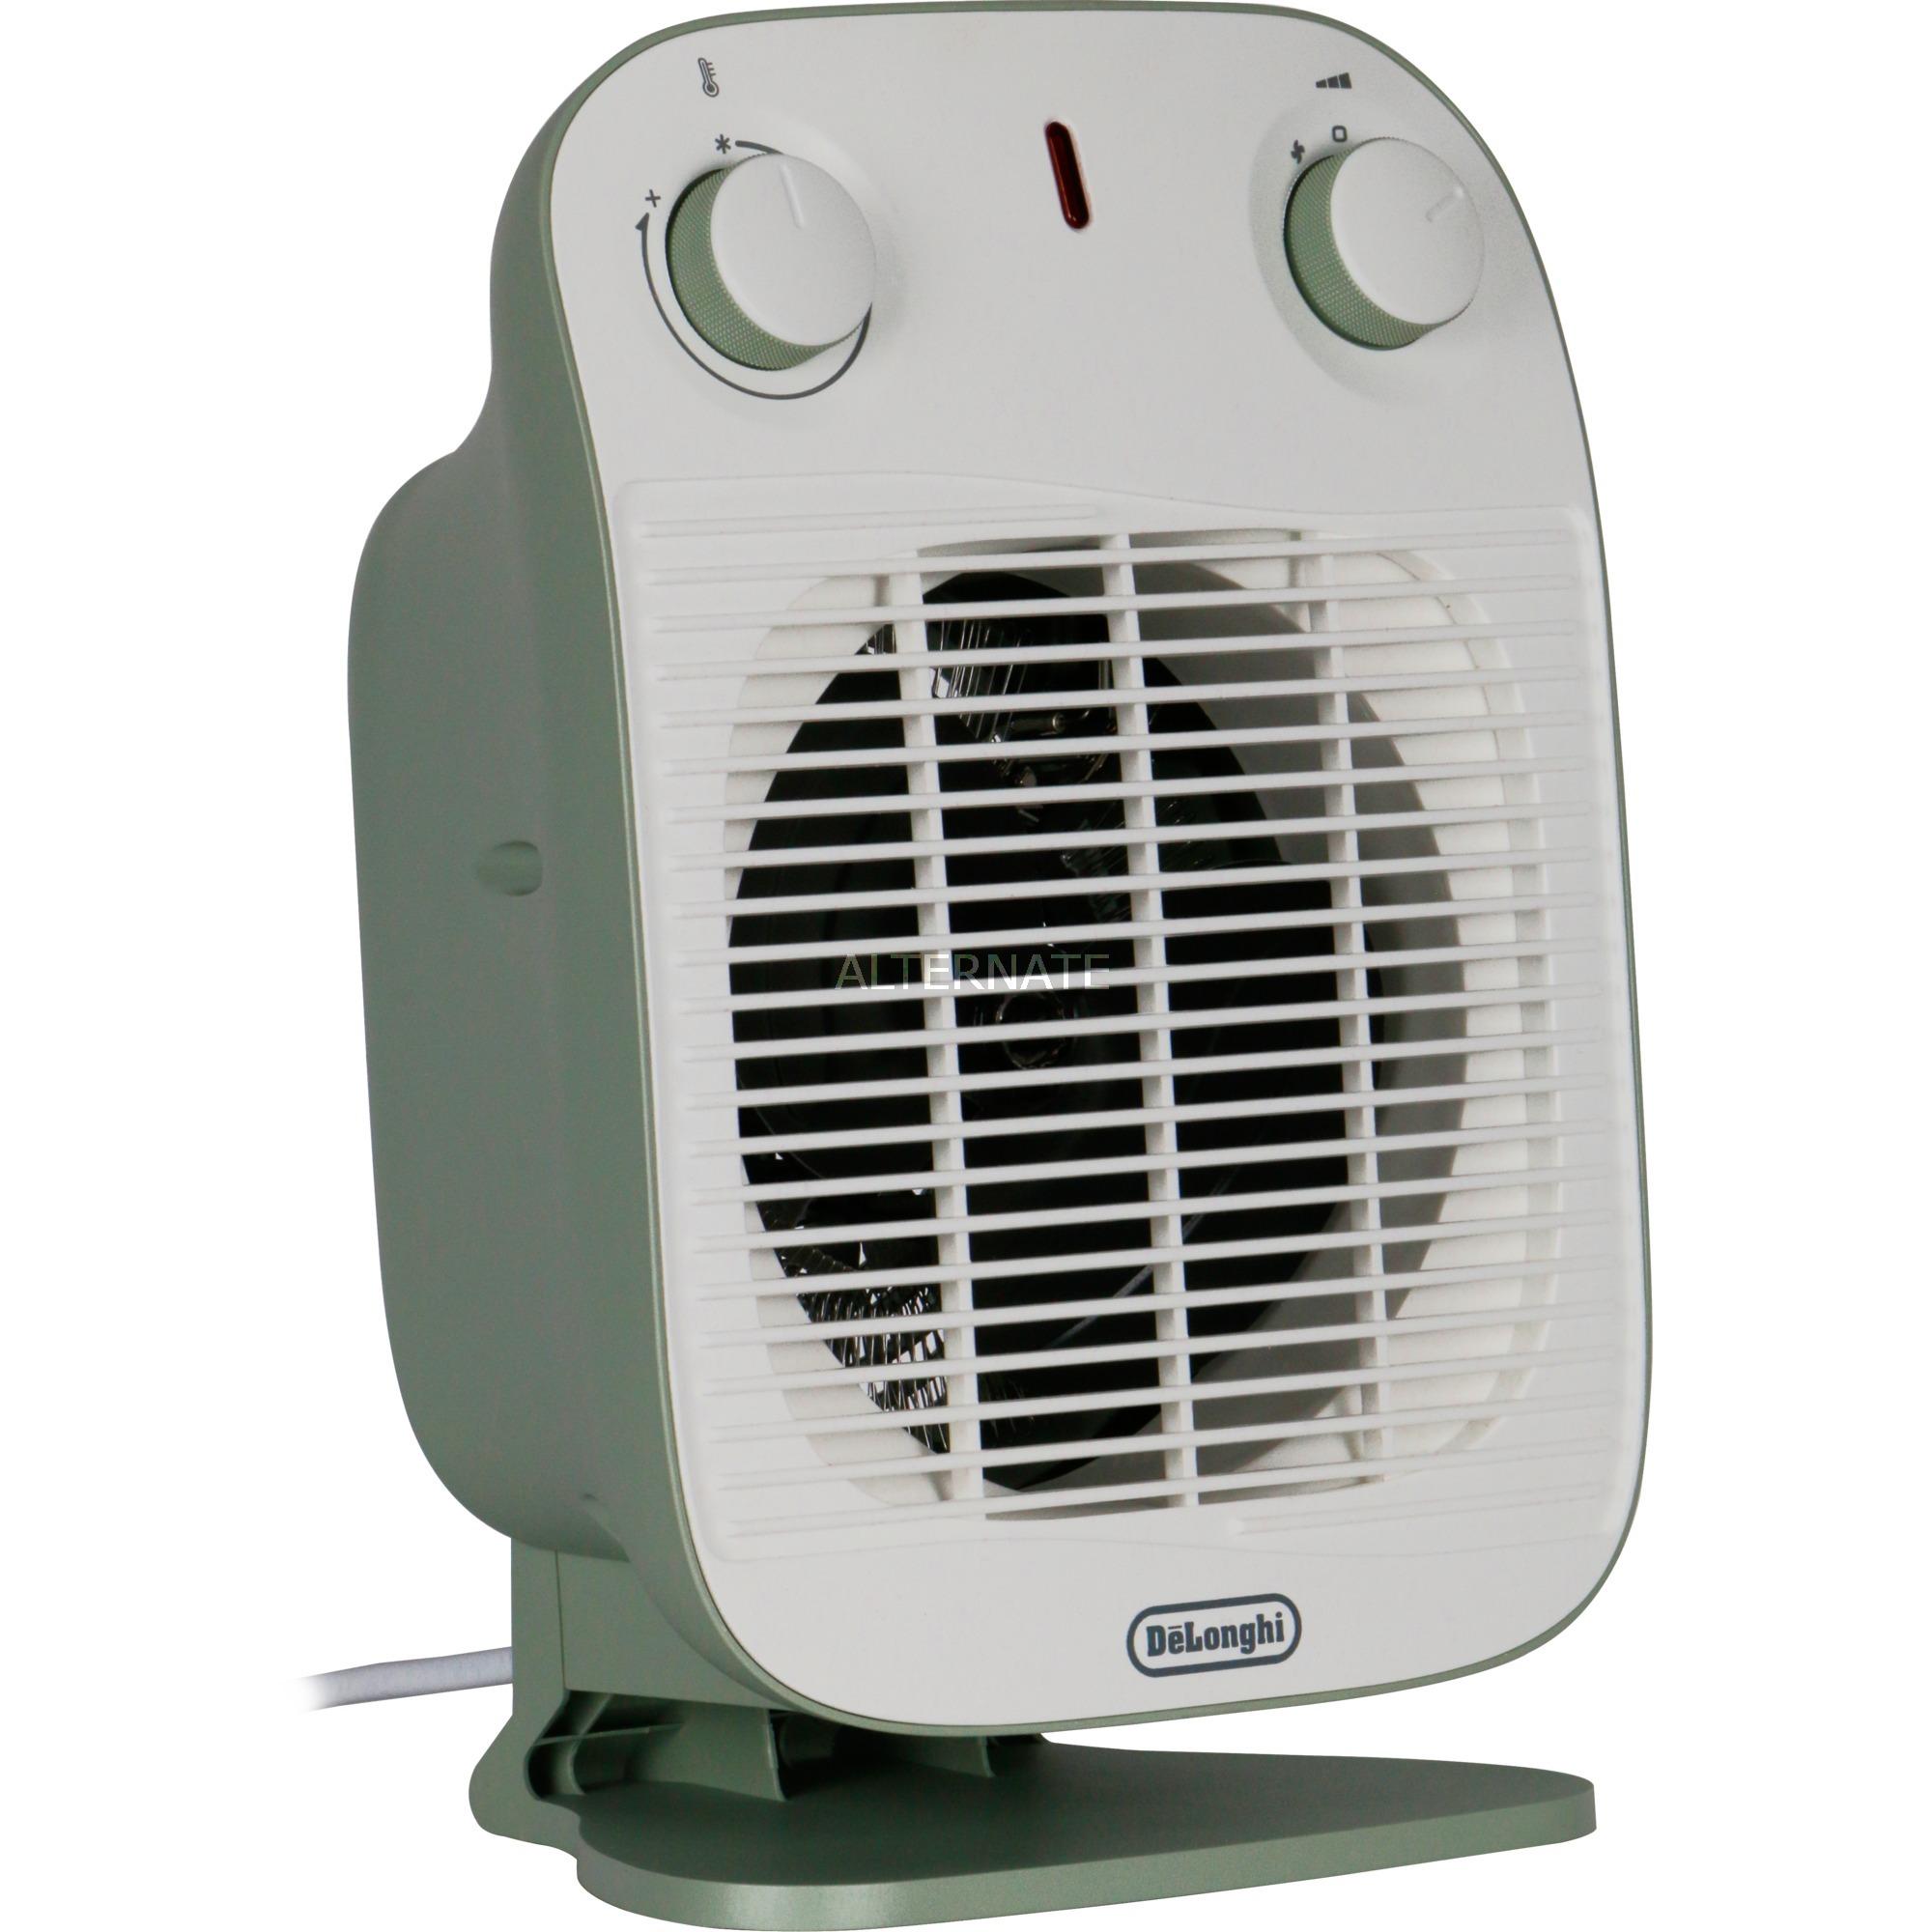 HFS50B20.GR Interior Verde 2000W Calentador eléctrico de ventilador, Termoventiladores